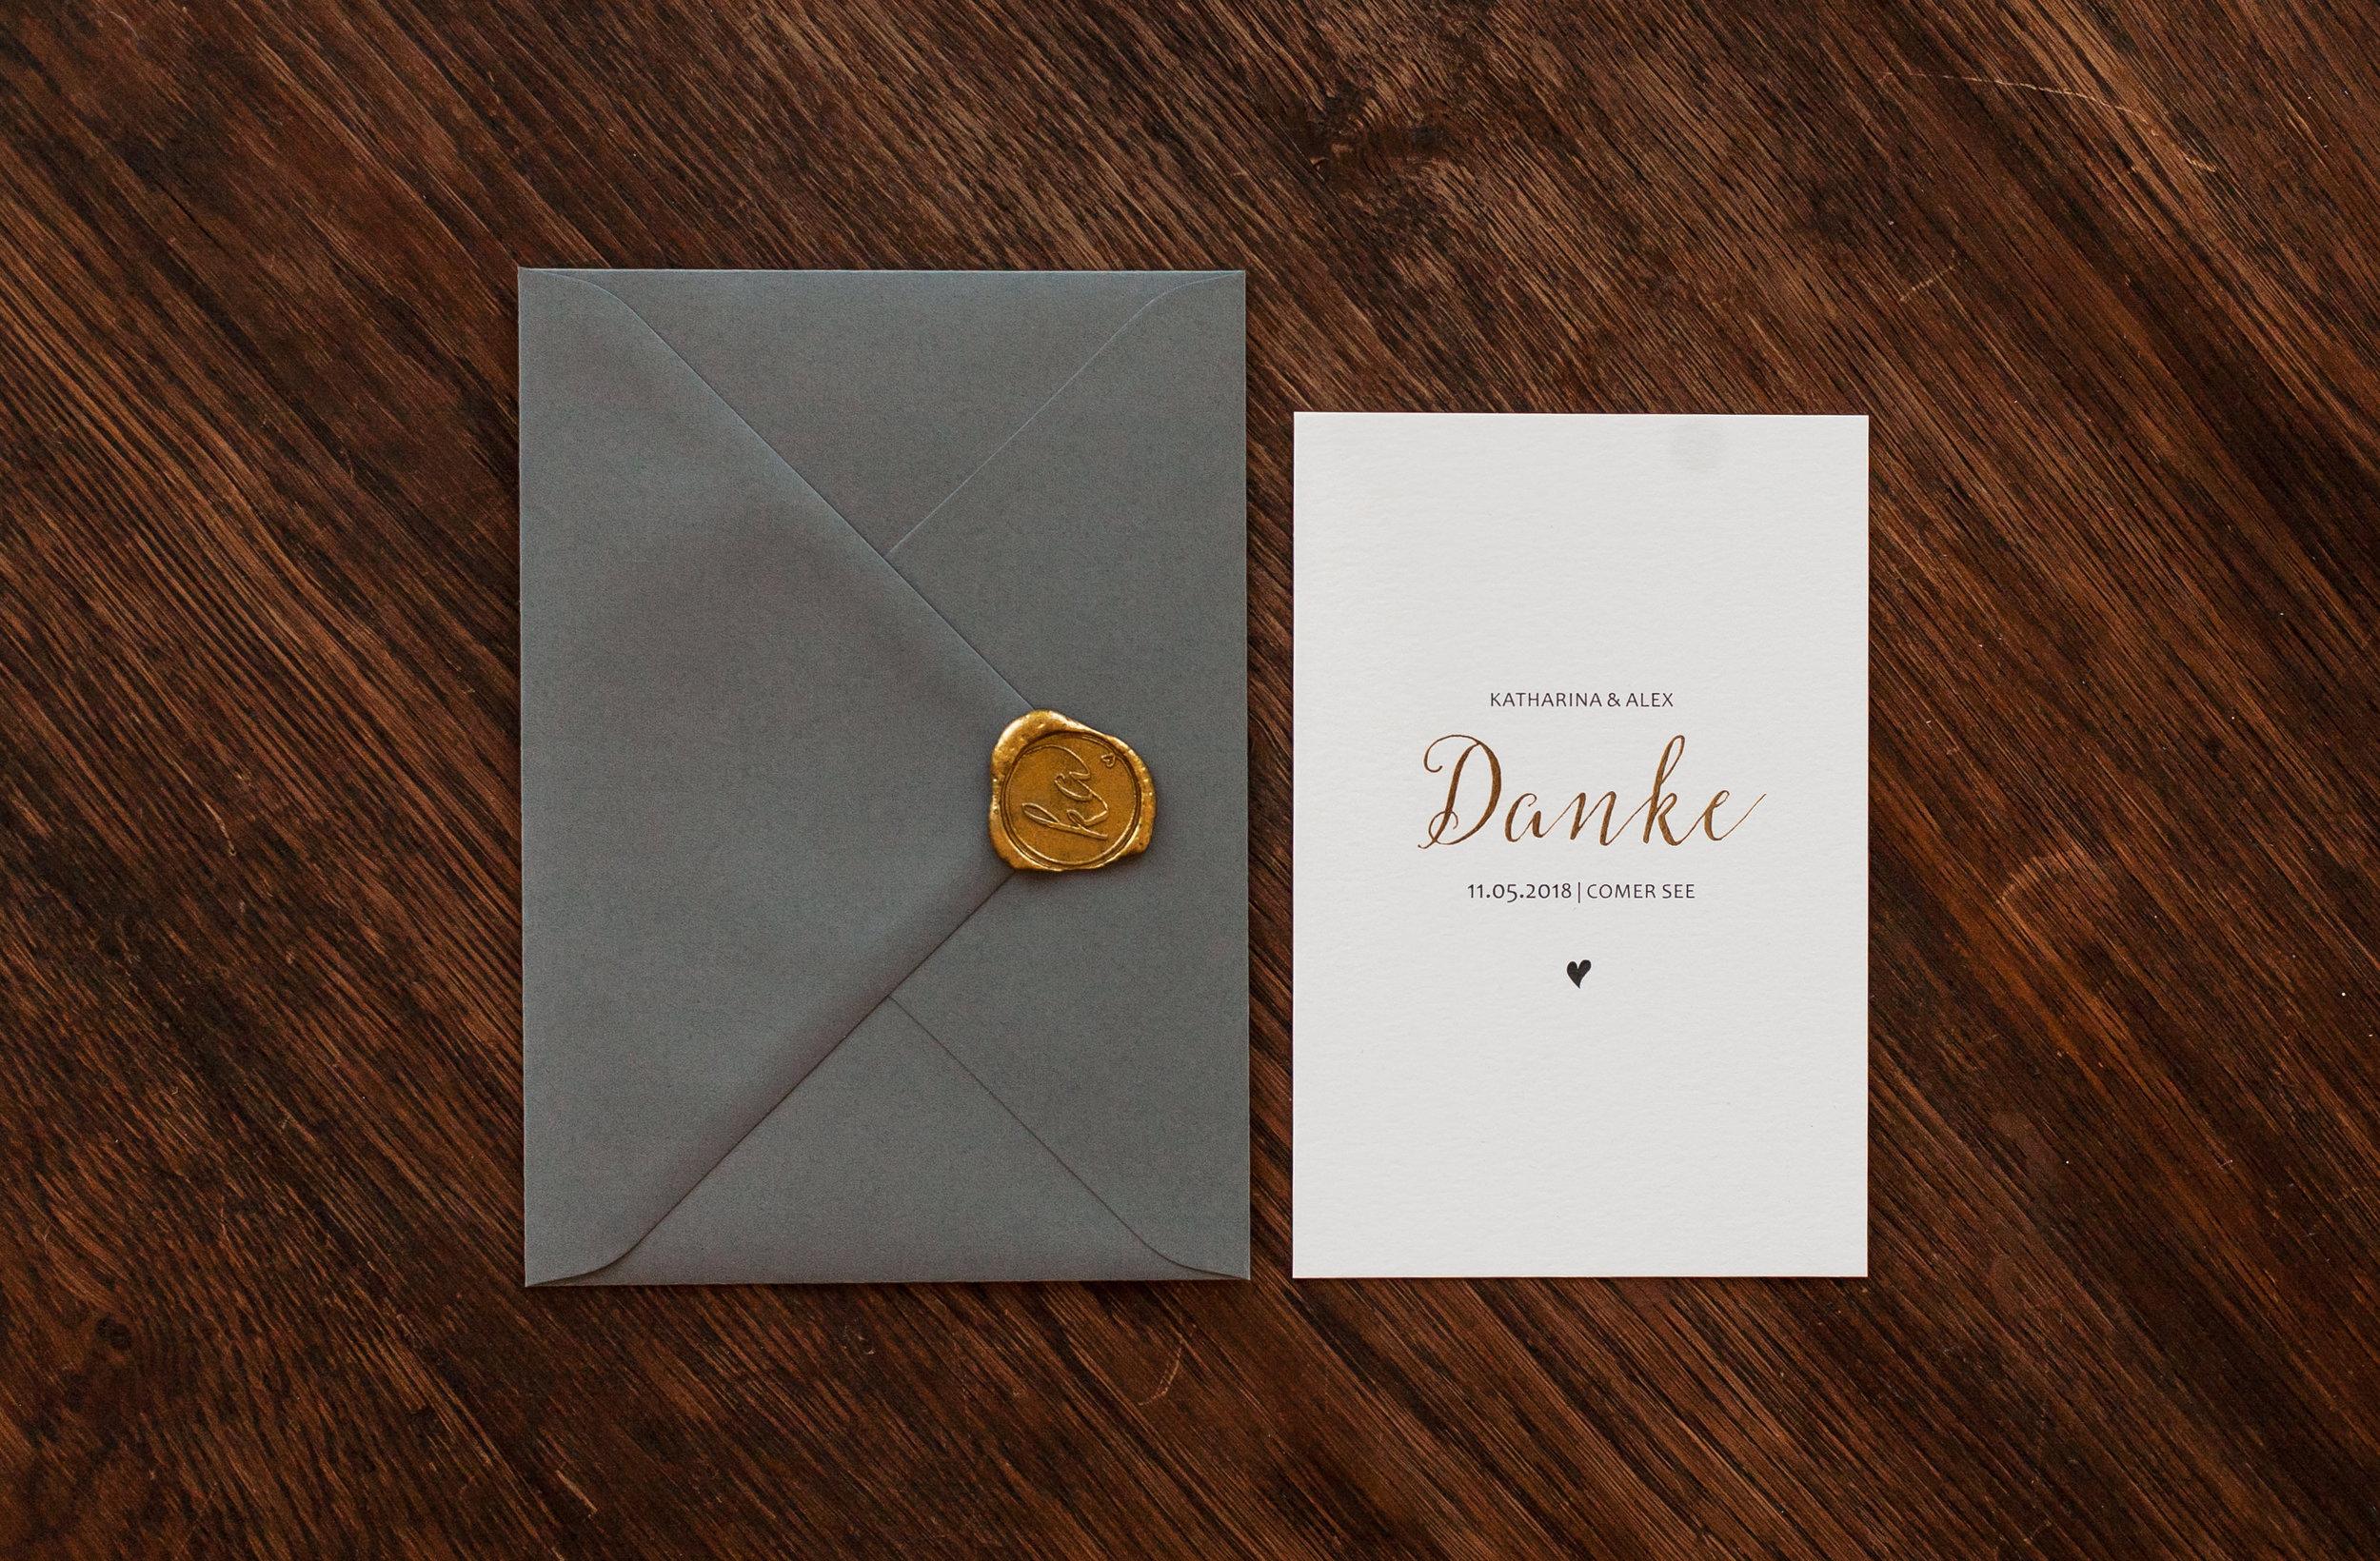 Dankeskarte, mit grauem Briefumschlag und goldenem Siegel